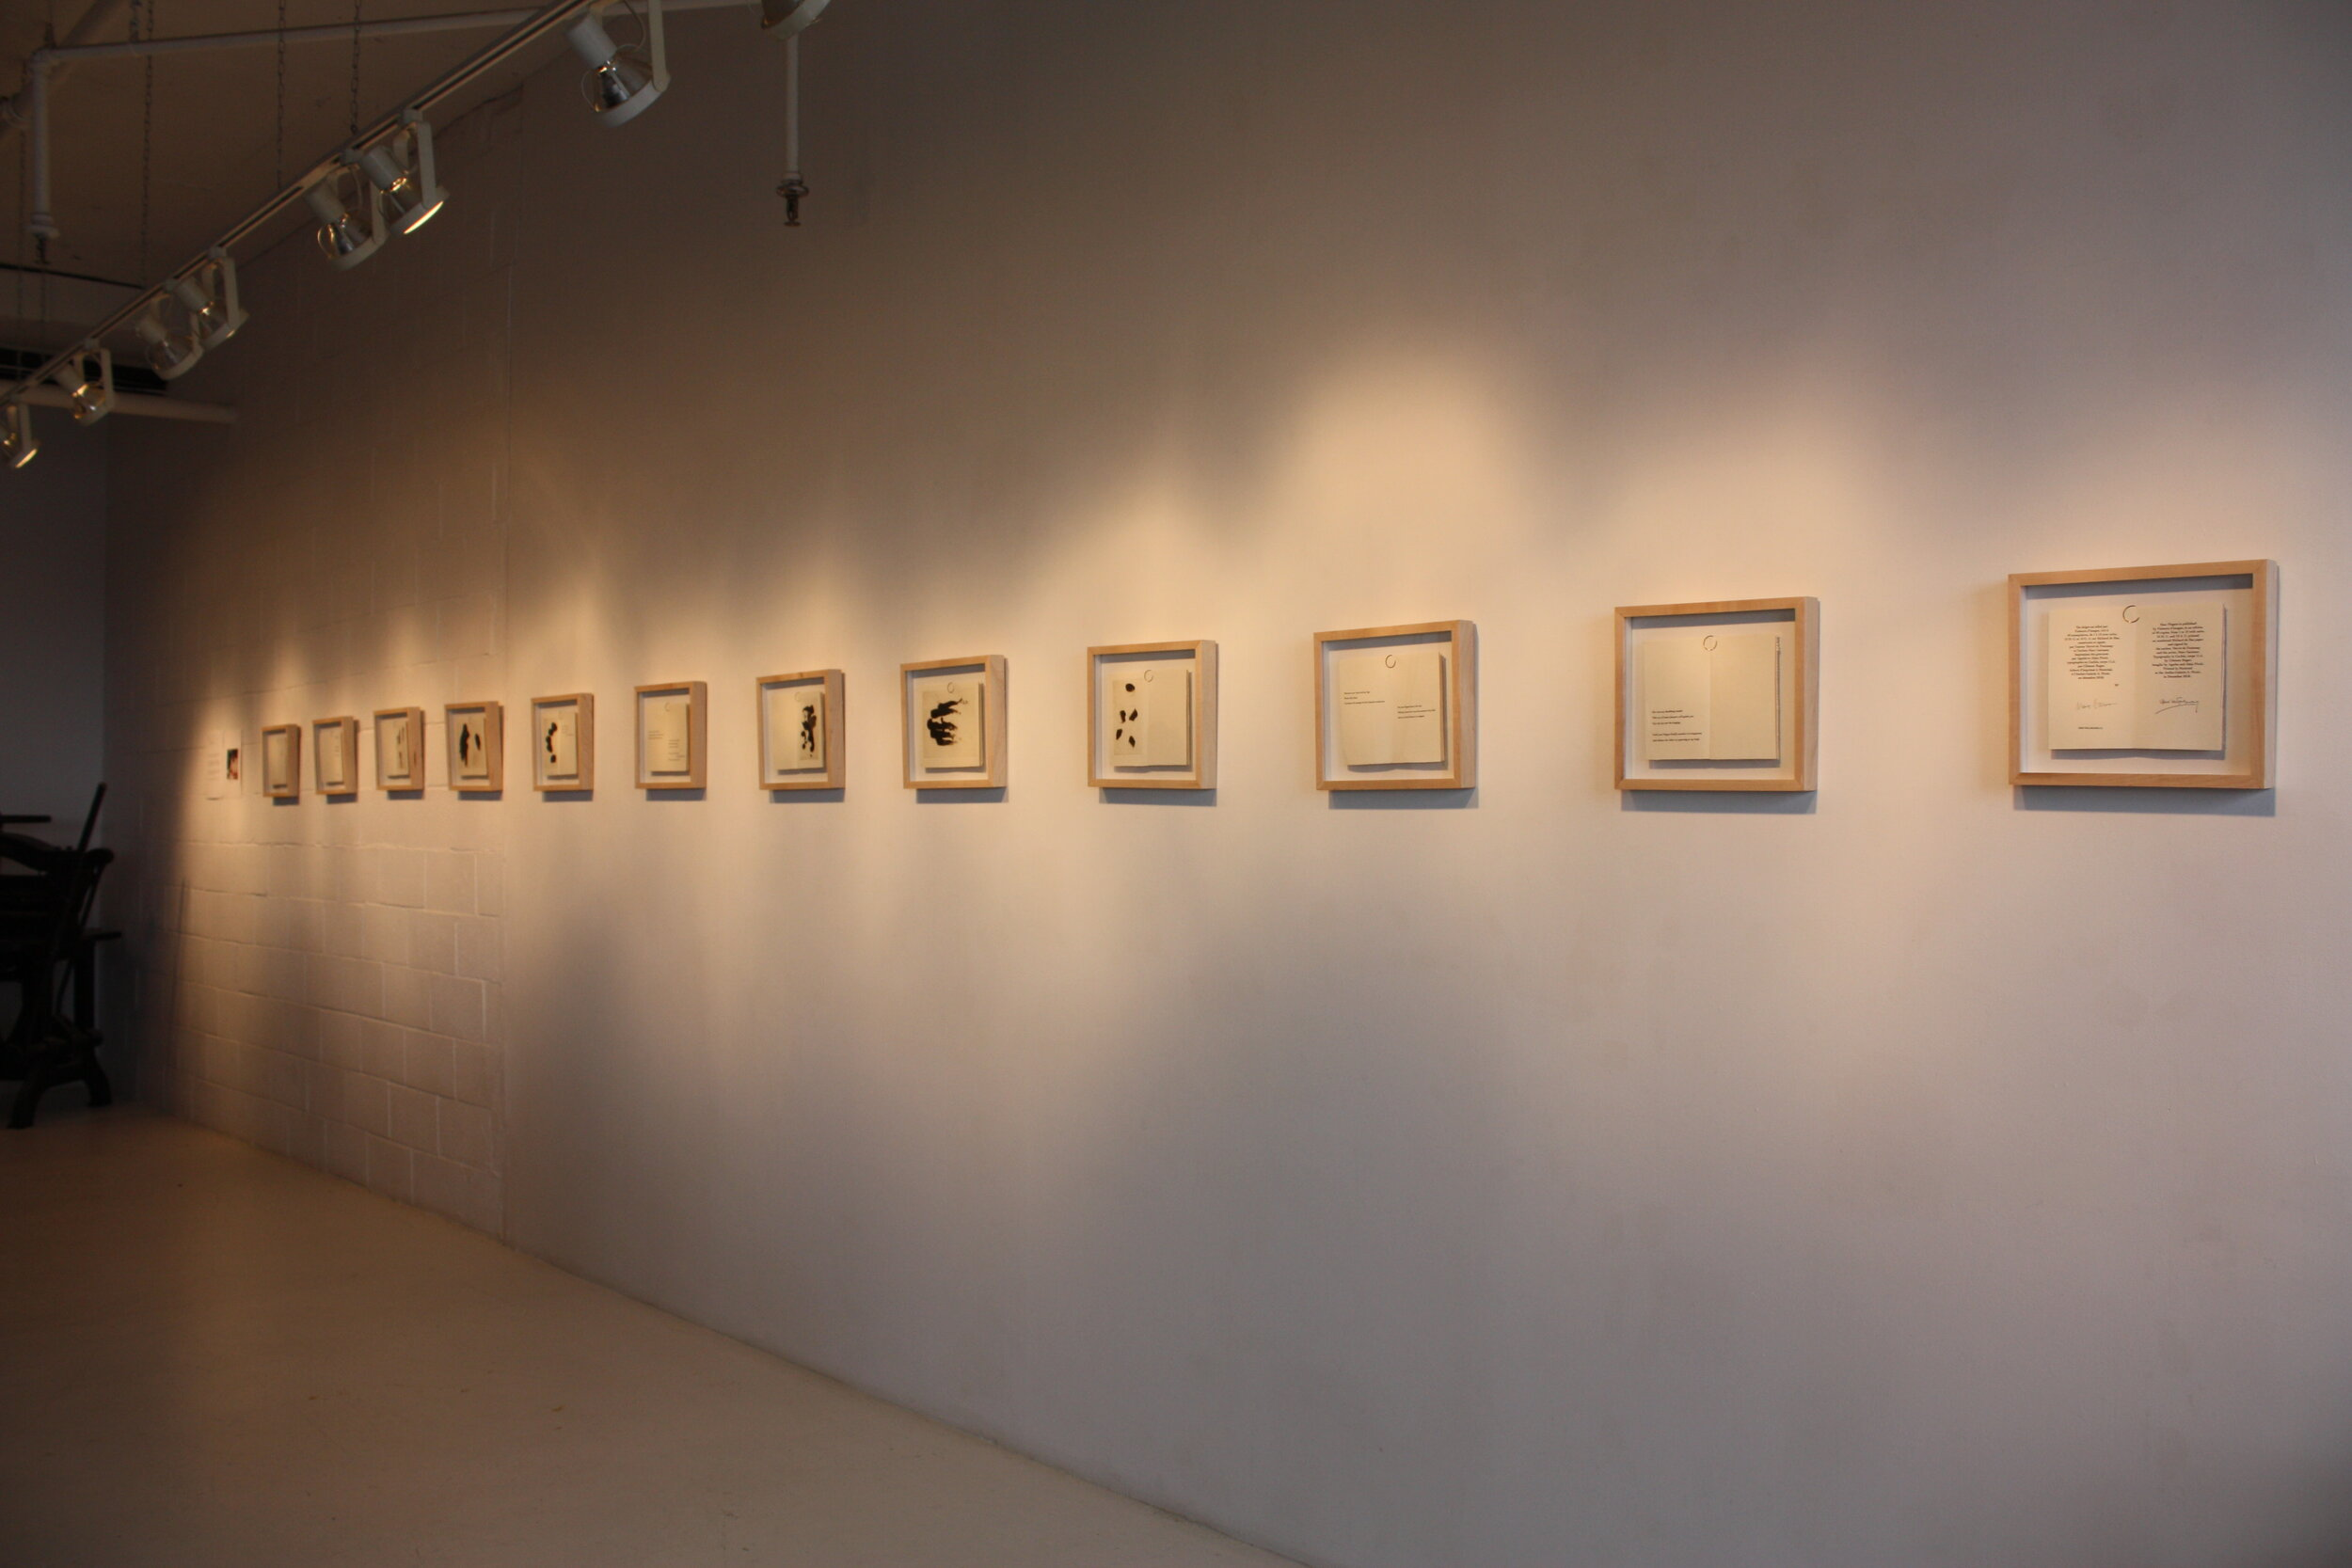 Vue de l'exposition, site web de l'artiste Marc Garneau -